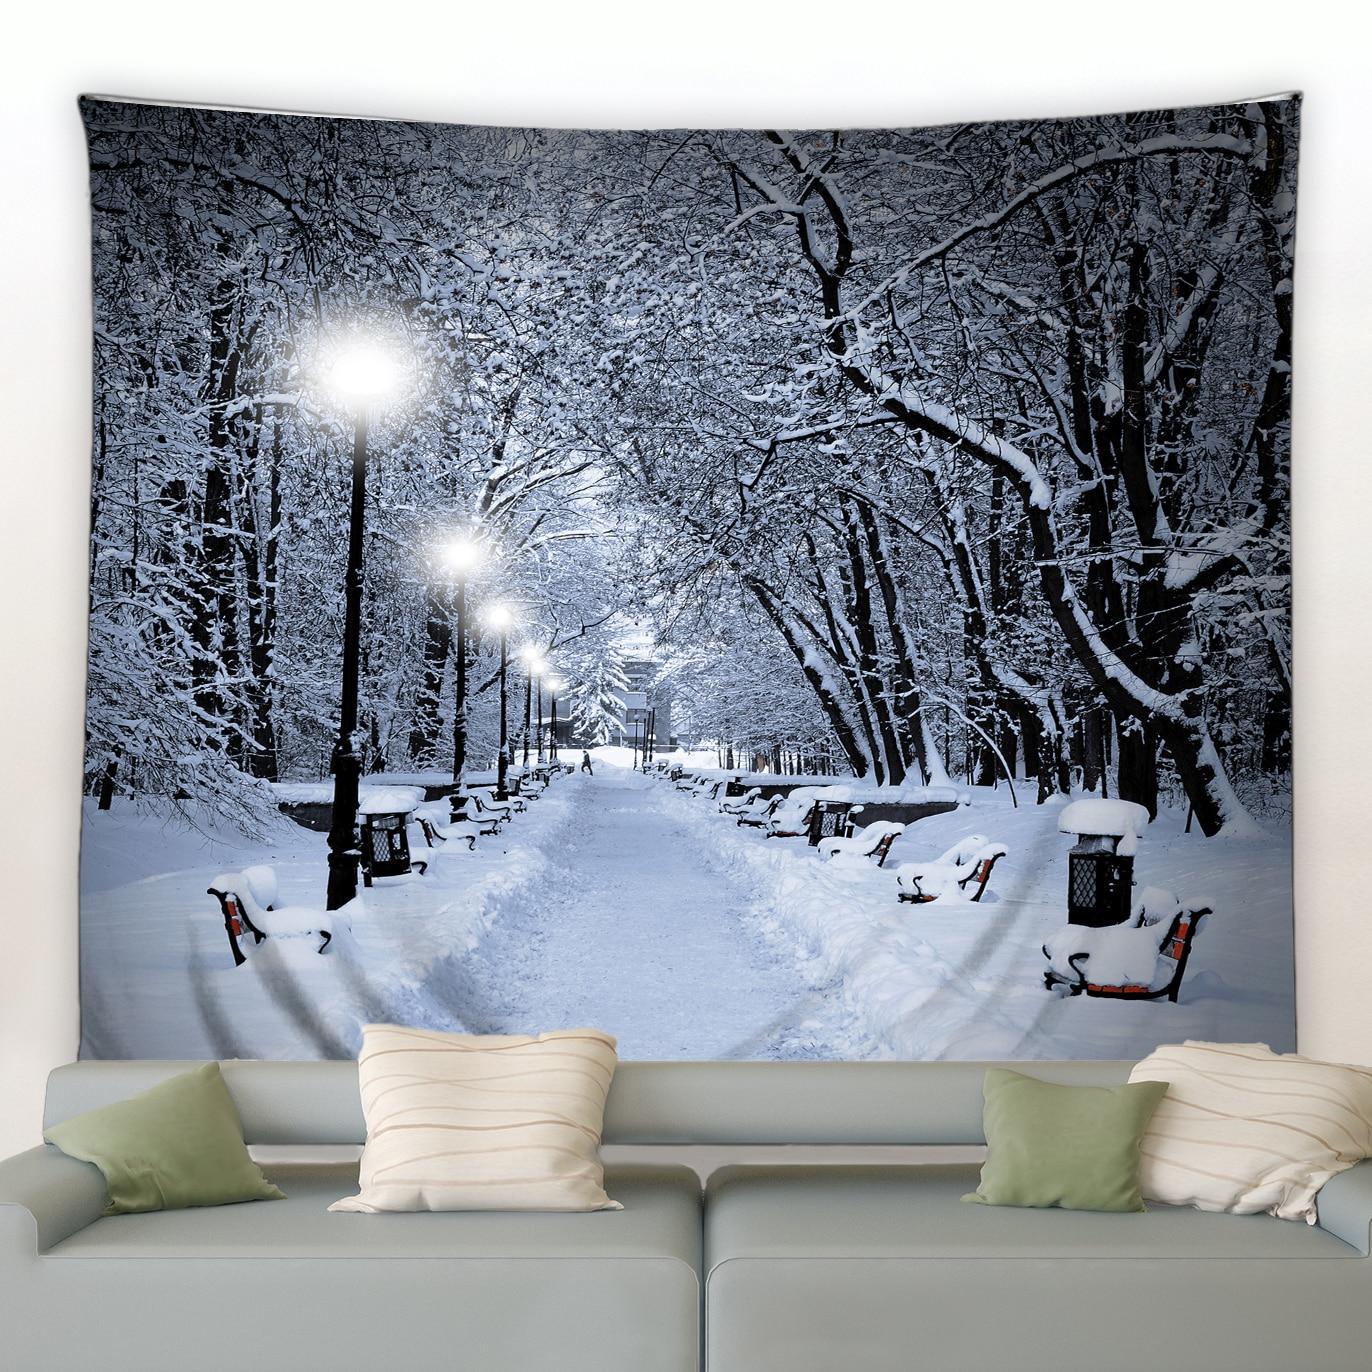 Гобелен с изображением снежного леса, деревьев в заснеженном джунглях, настенное одеяло, гобелены с Зимним Пейзажем, спальни, гостиной, спал...